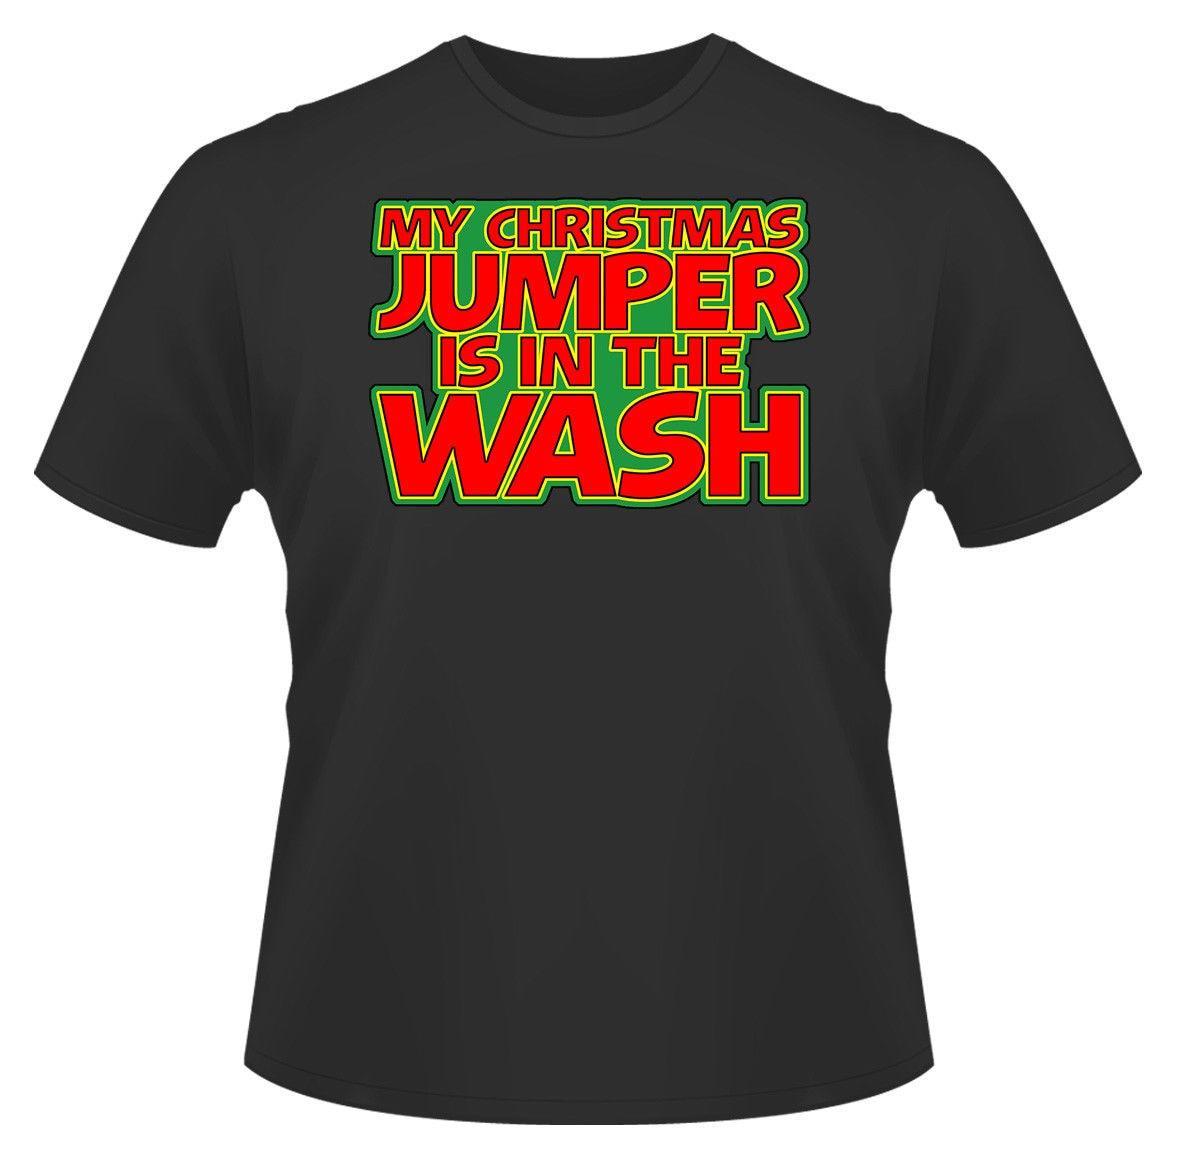 Mens Christmas T-Shirt, My Christmas Jumper, Ideal GiftBirthday Present.  Cool Casual pride t shirt men Unisex Fashion tshirt